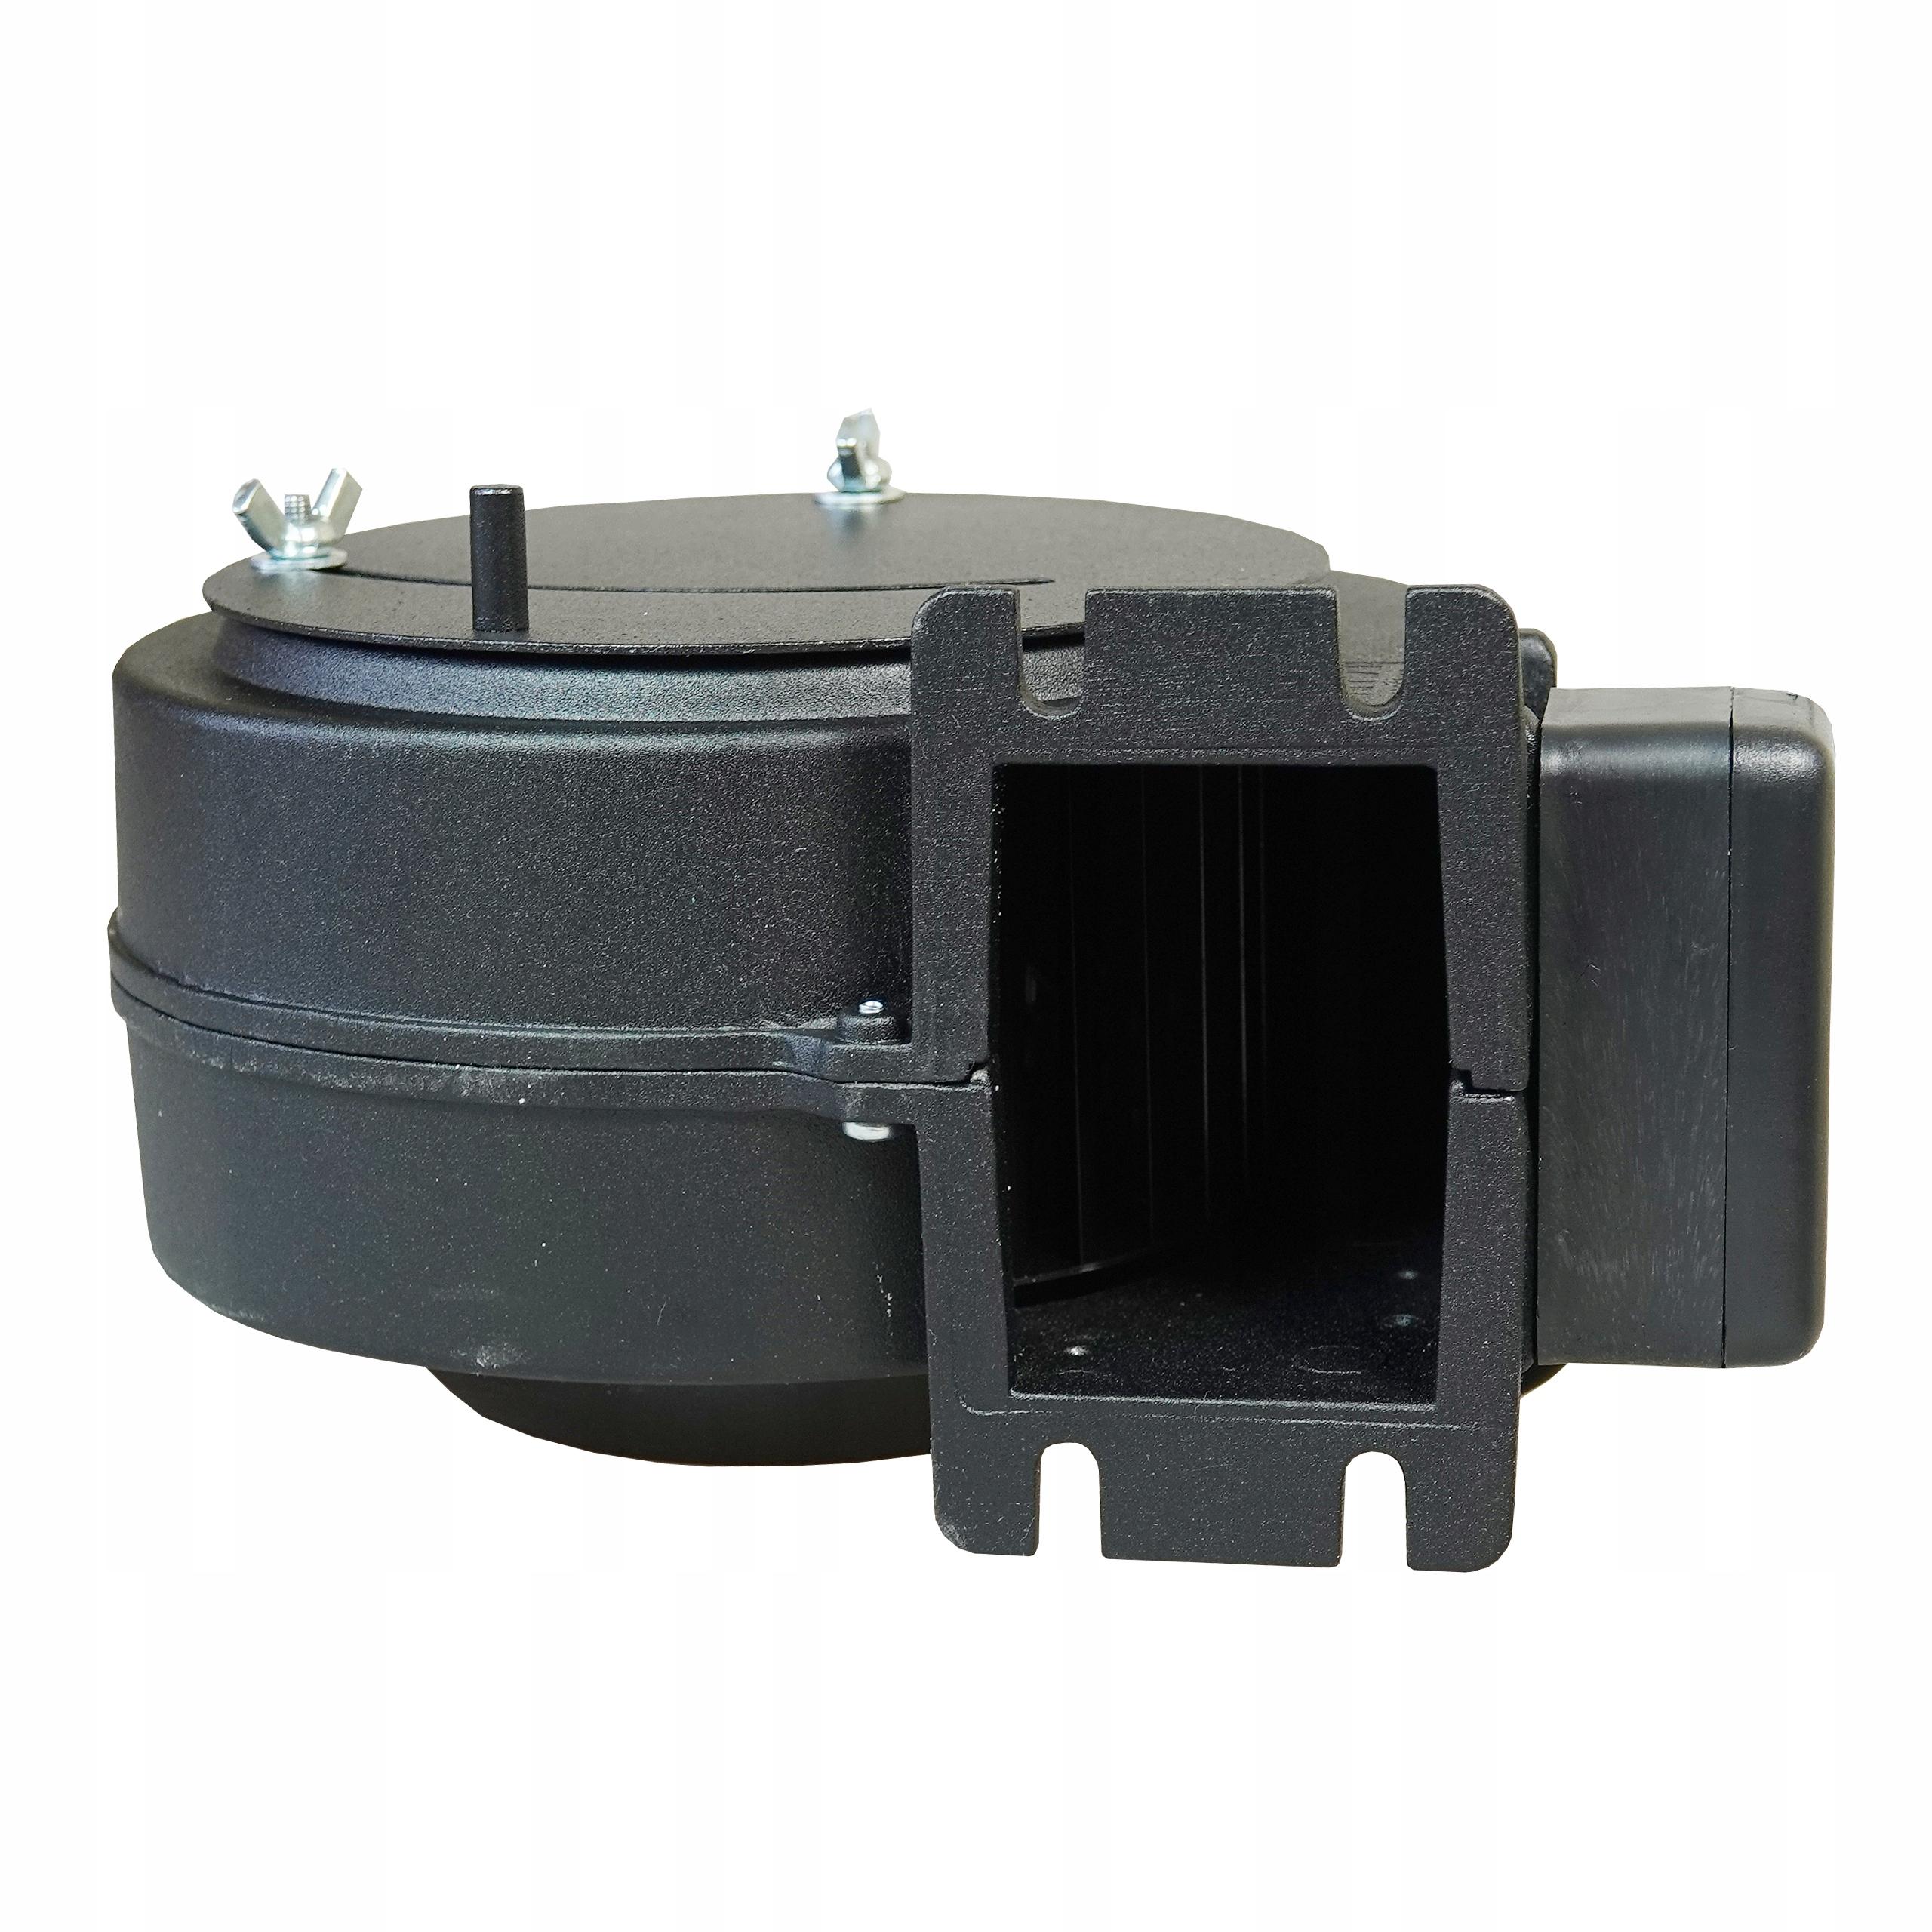 Dúchadlo pre kotol na kúrenie WPA x6 / WBS 6a. Hmotnosť produktu s samostatným balením 2,6 kg